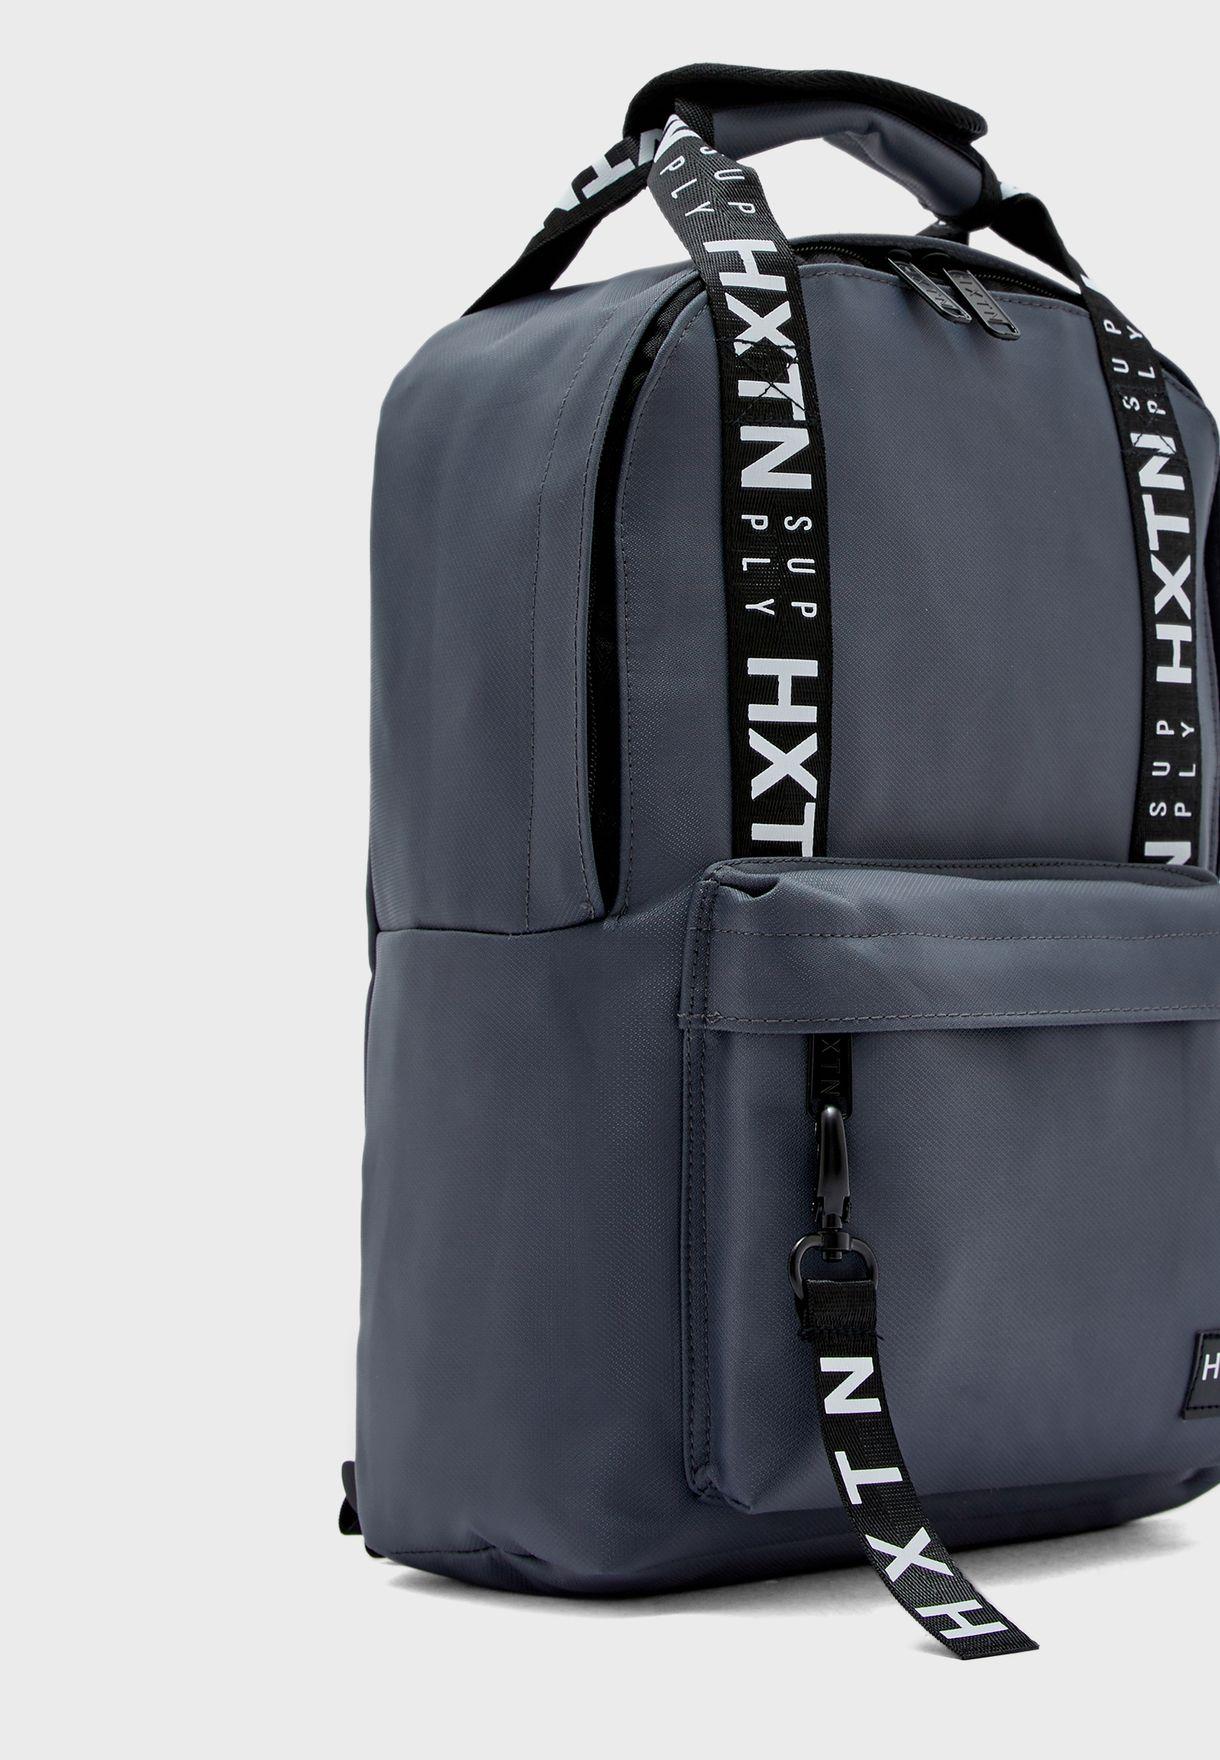 Prime Premier Backpack